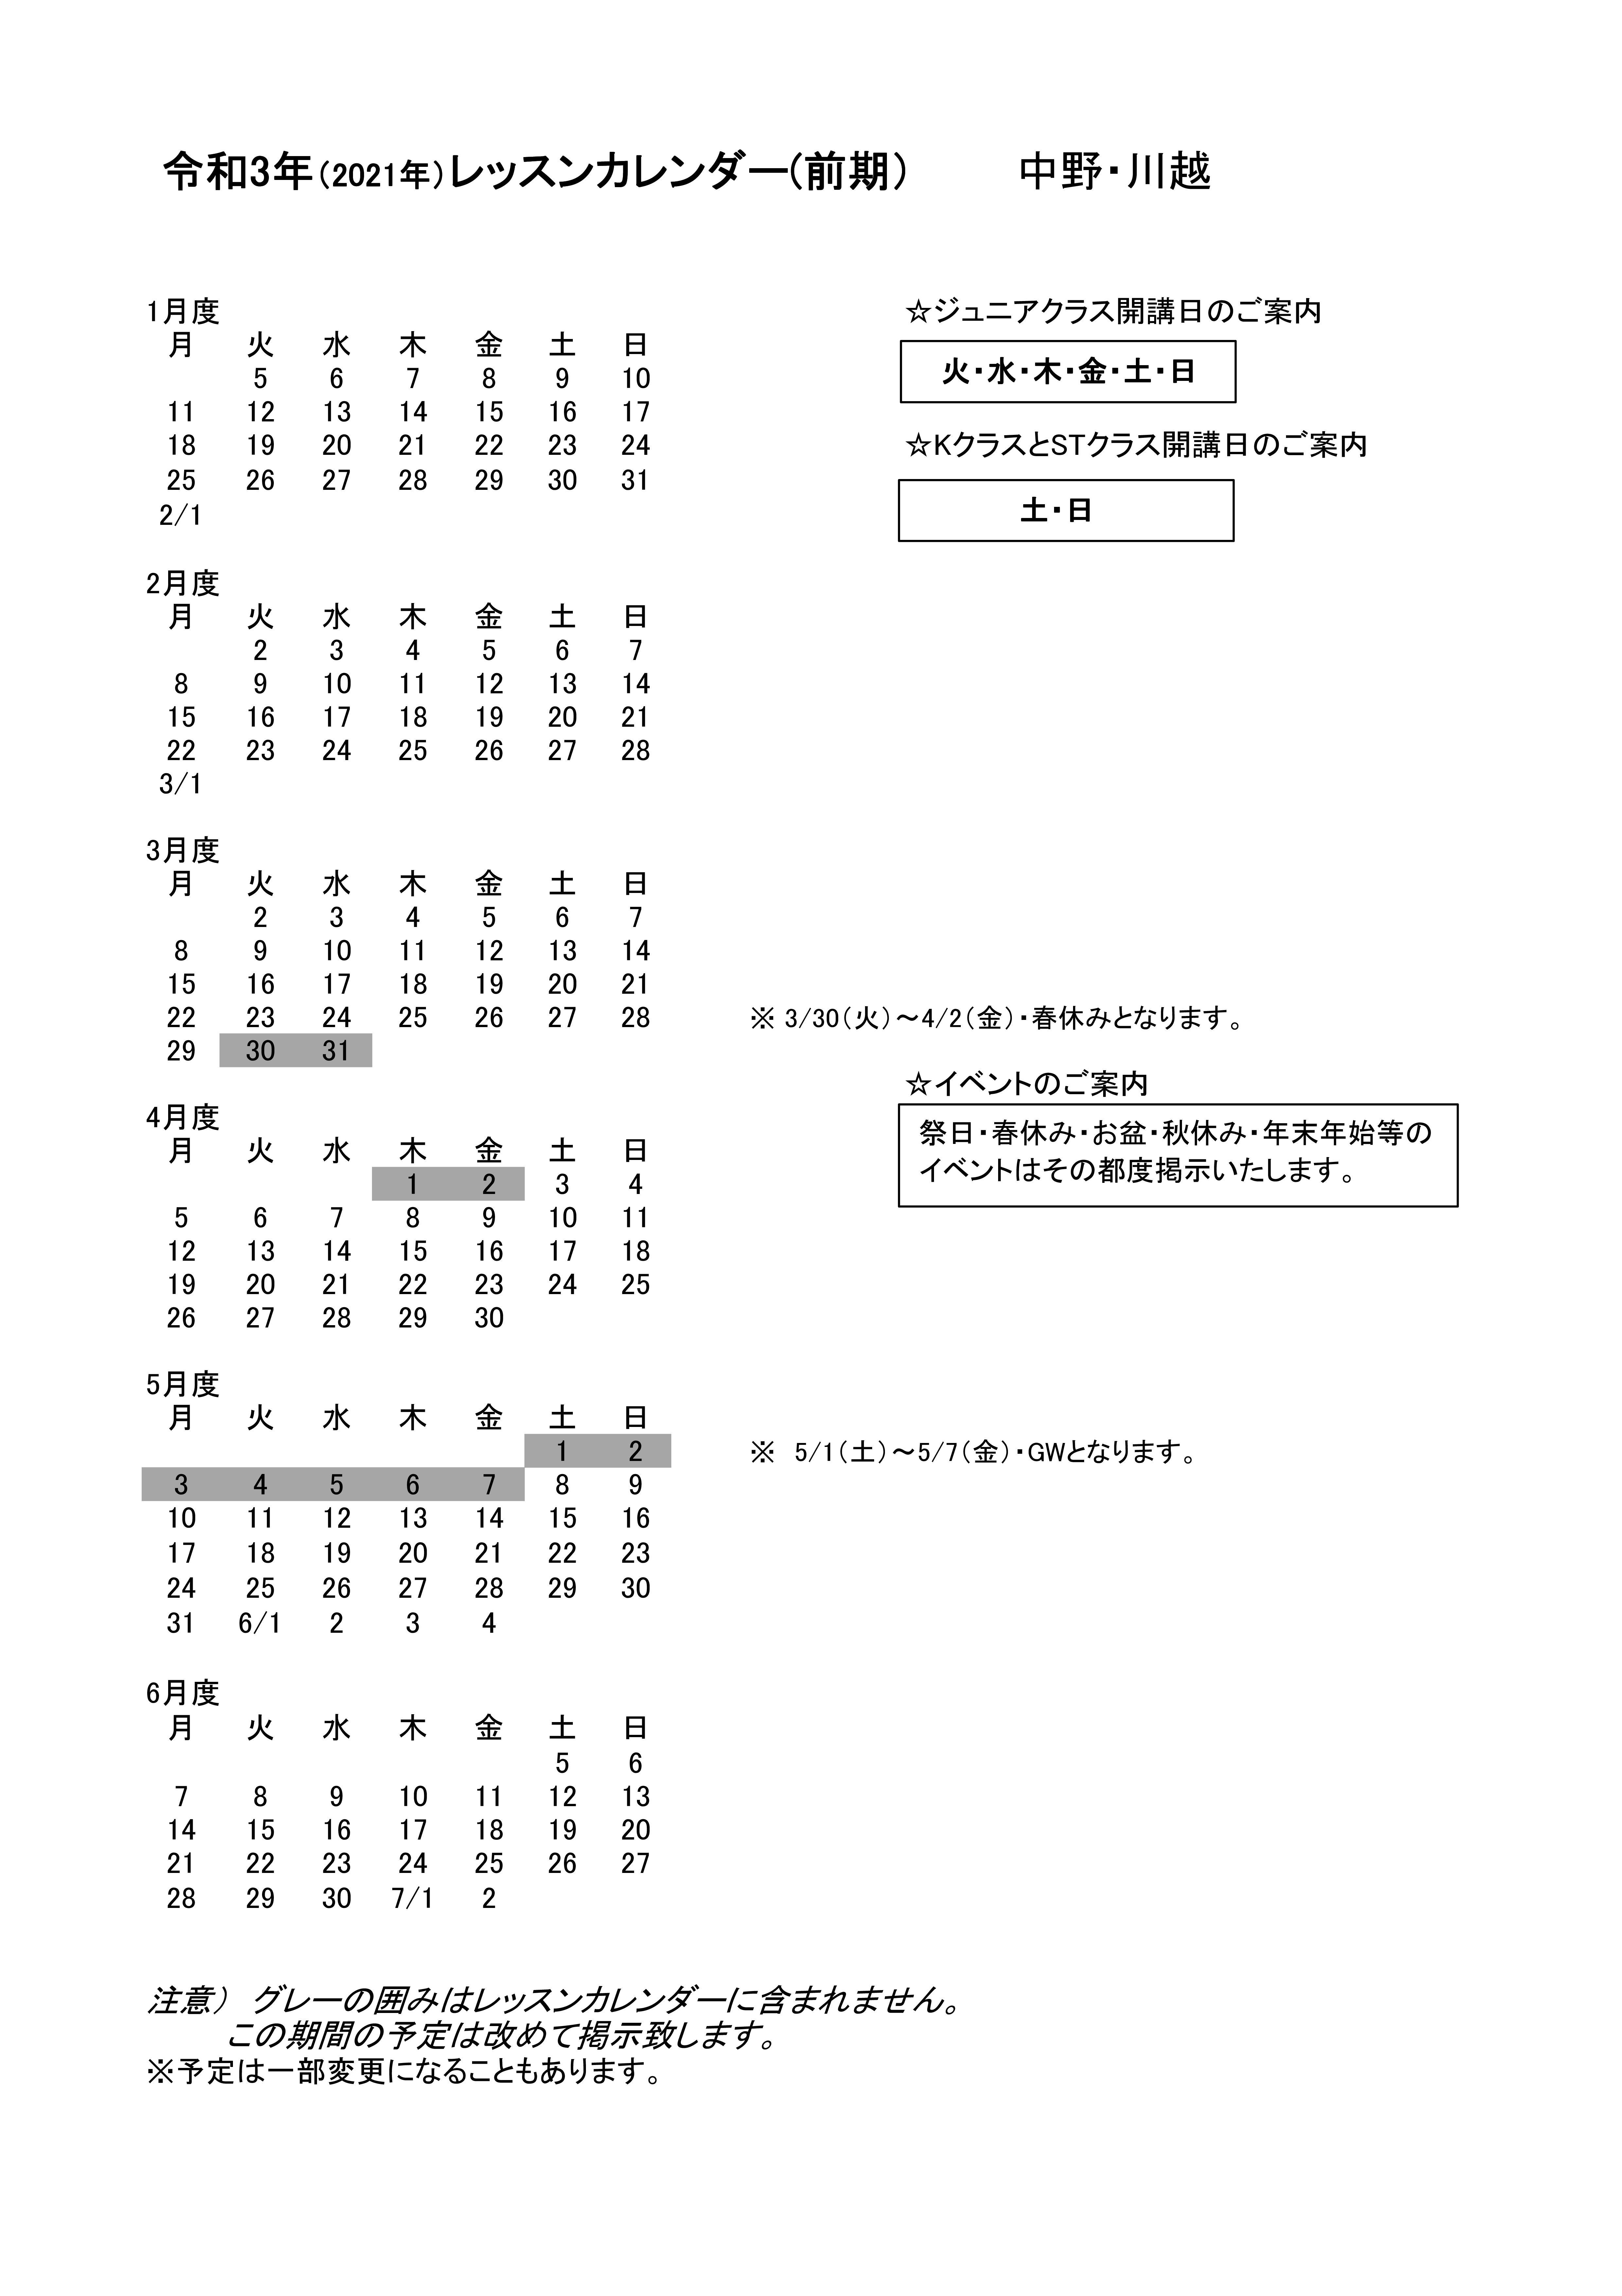 レッスンカレンダー中野川越